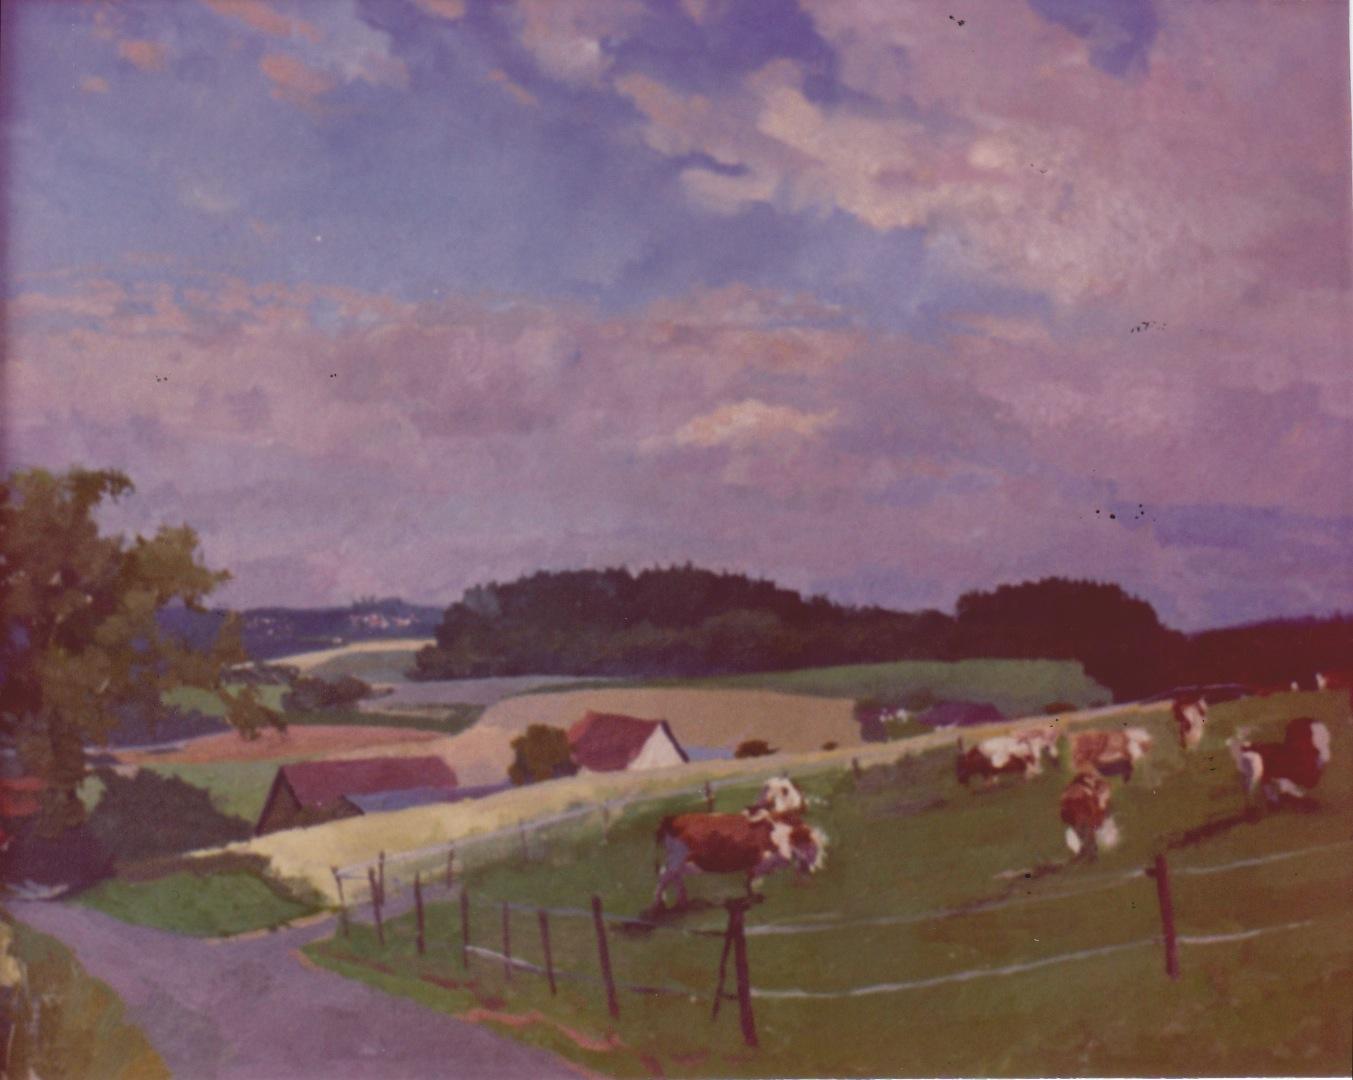 Swiss Farm by  Daud Akhriev - Masterpiece Online